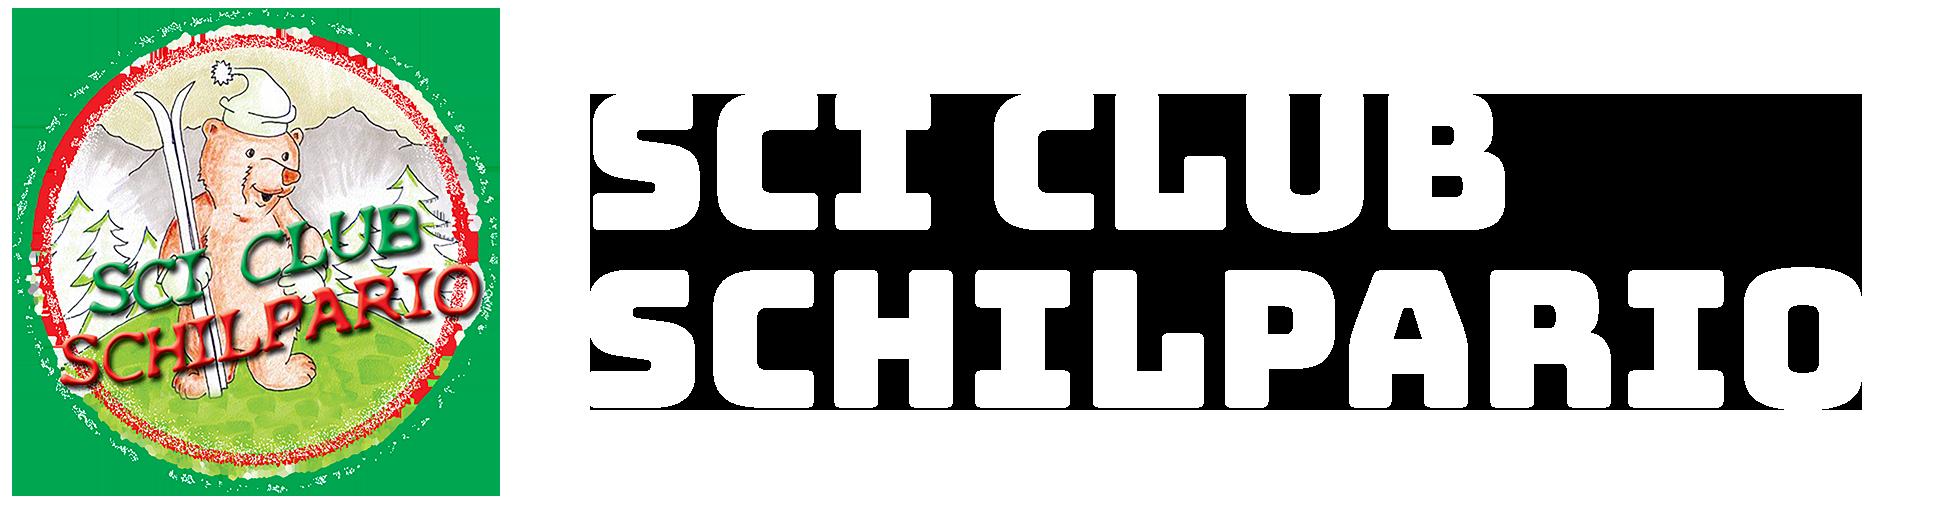 sciclubschilpario_logo_treu